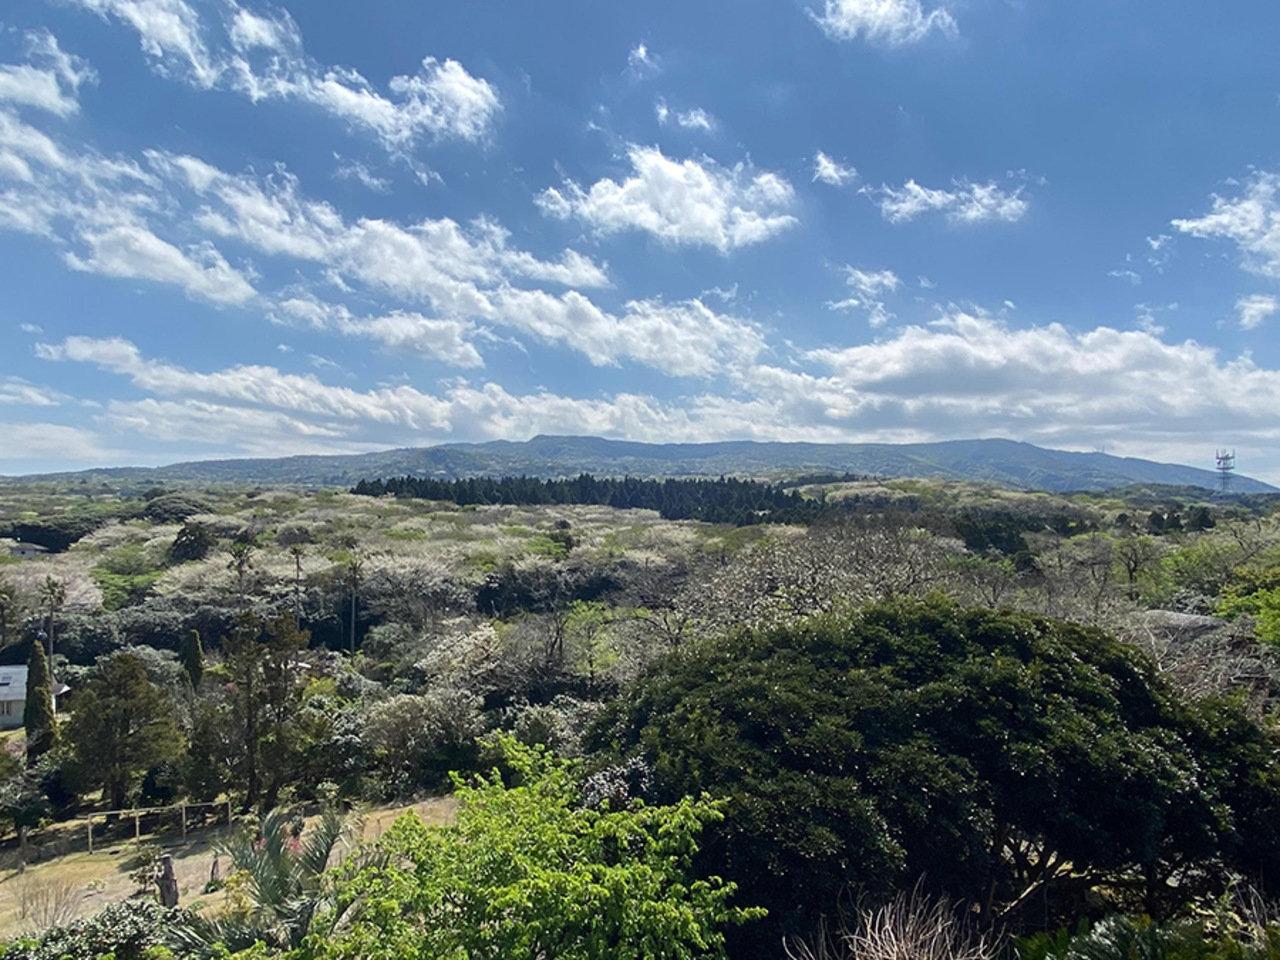 視聴のみ・焼酎&おつまみ付き・島のおかしのお土産付きの3プラン。「伊豆大島ウエルネスツアー」。